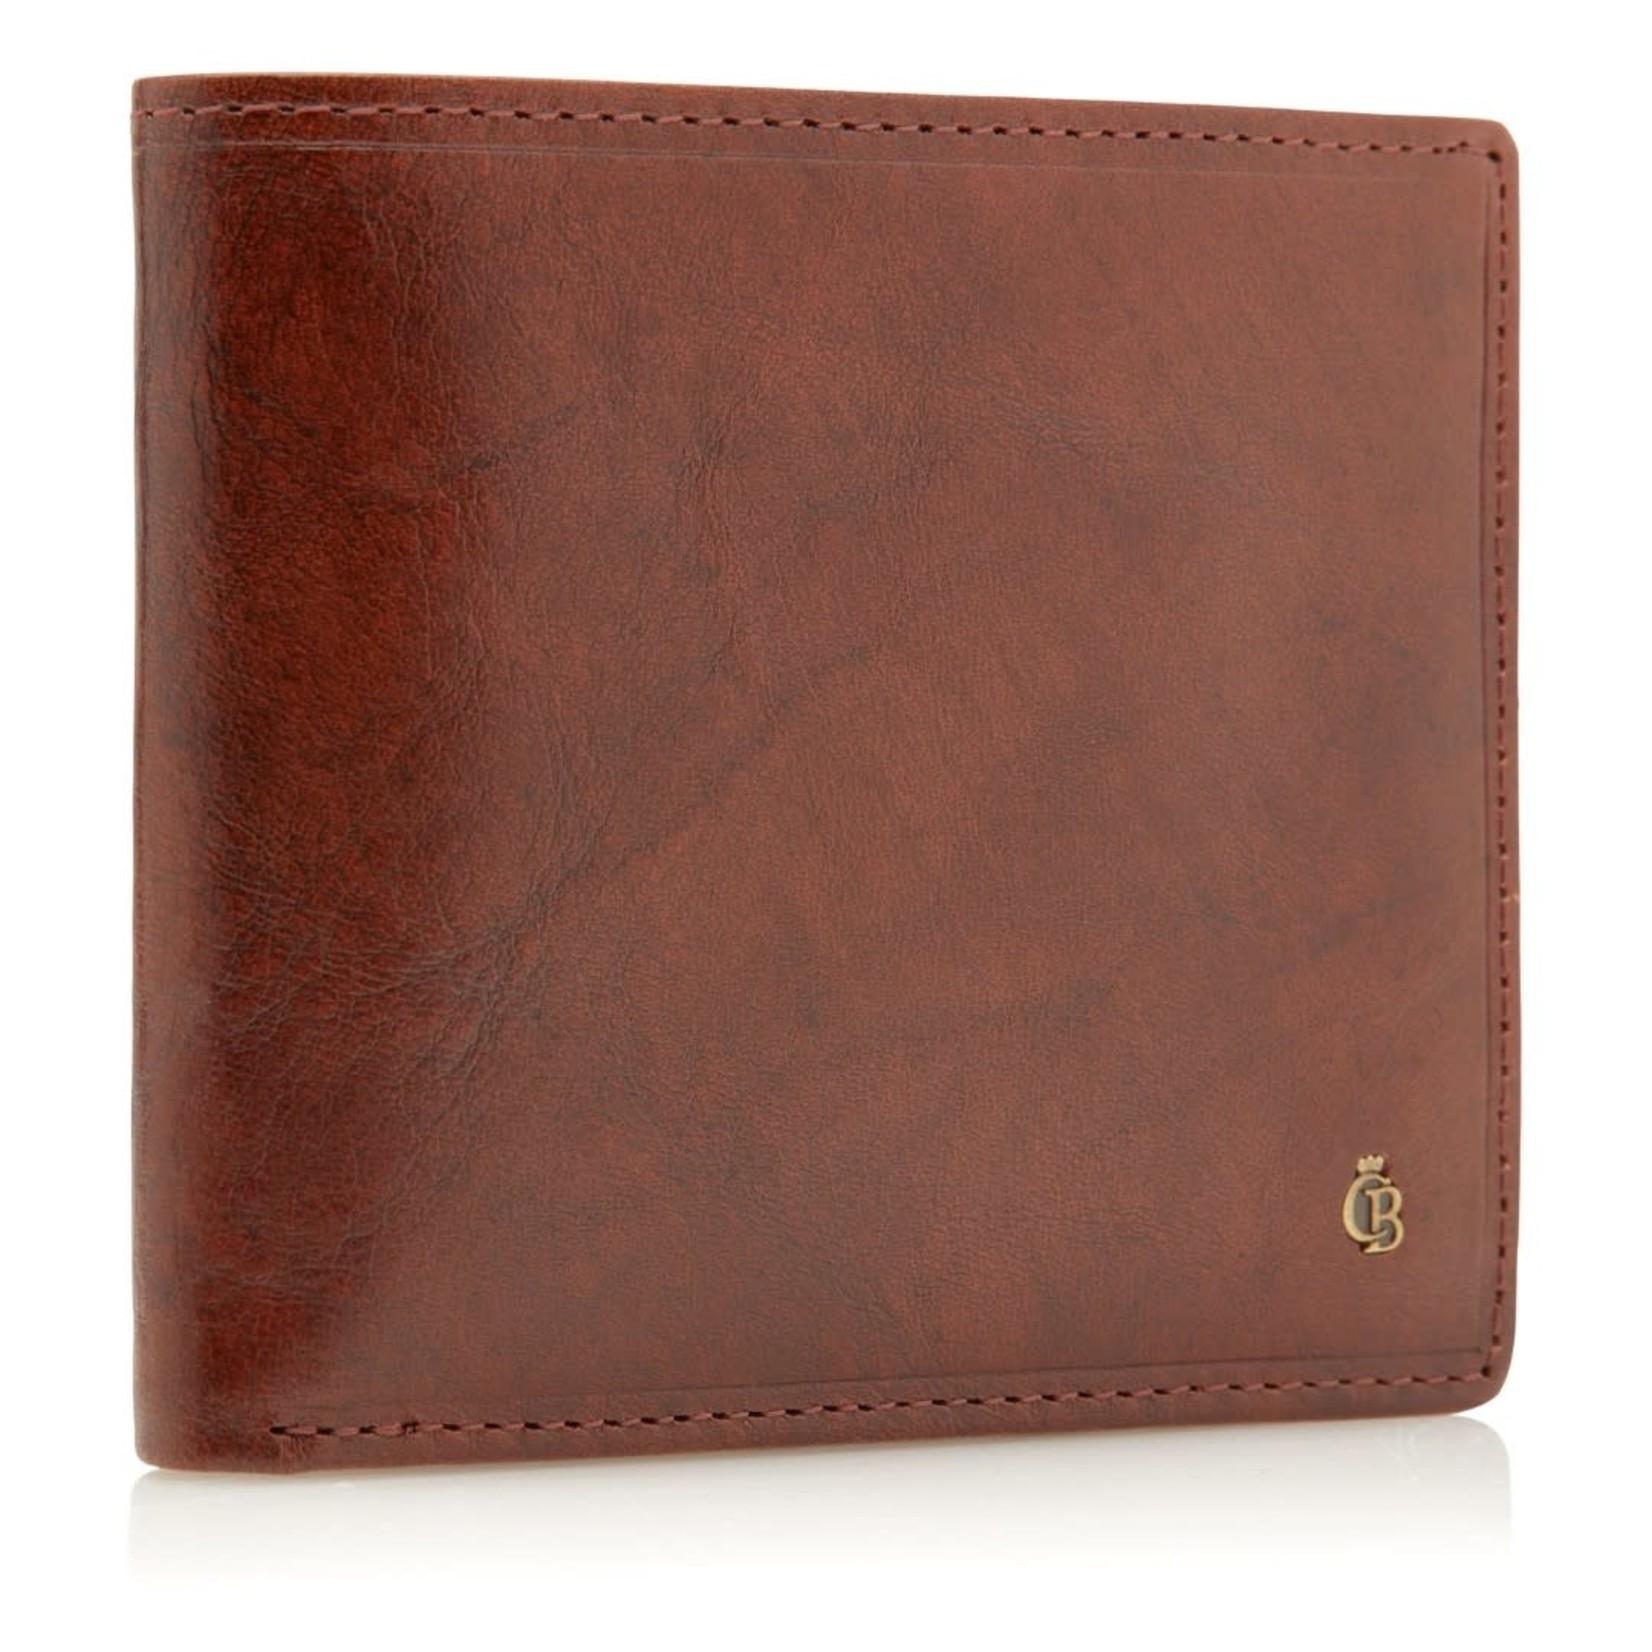 Castelijn en Beerens Billfold 6 pasjes RFID Cognac